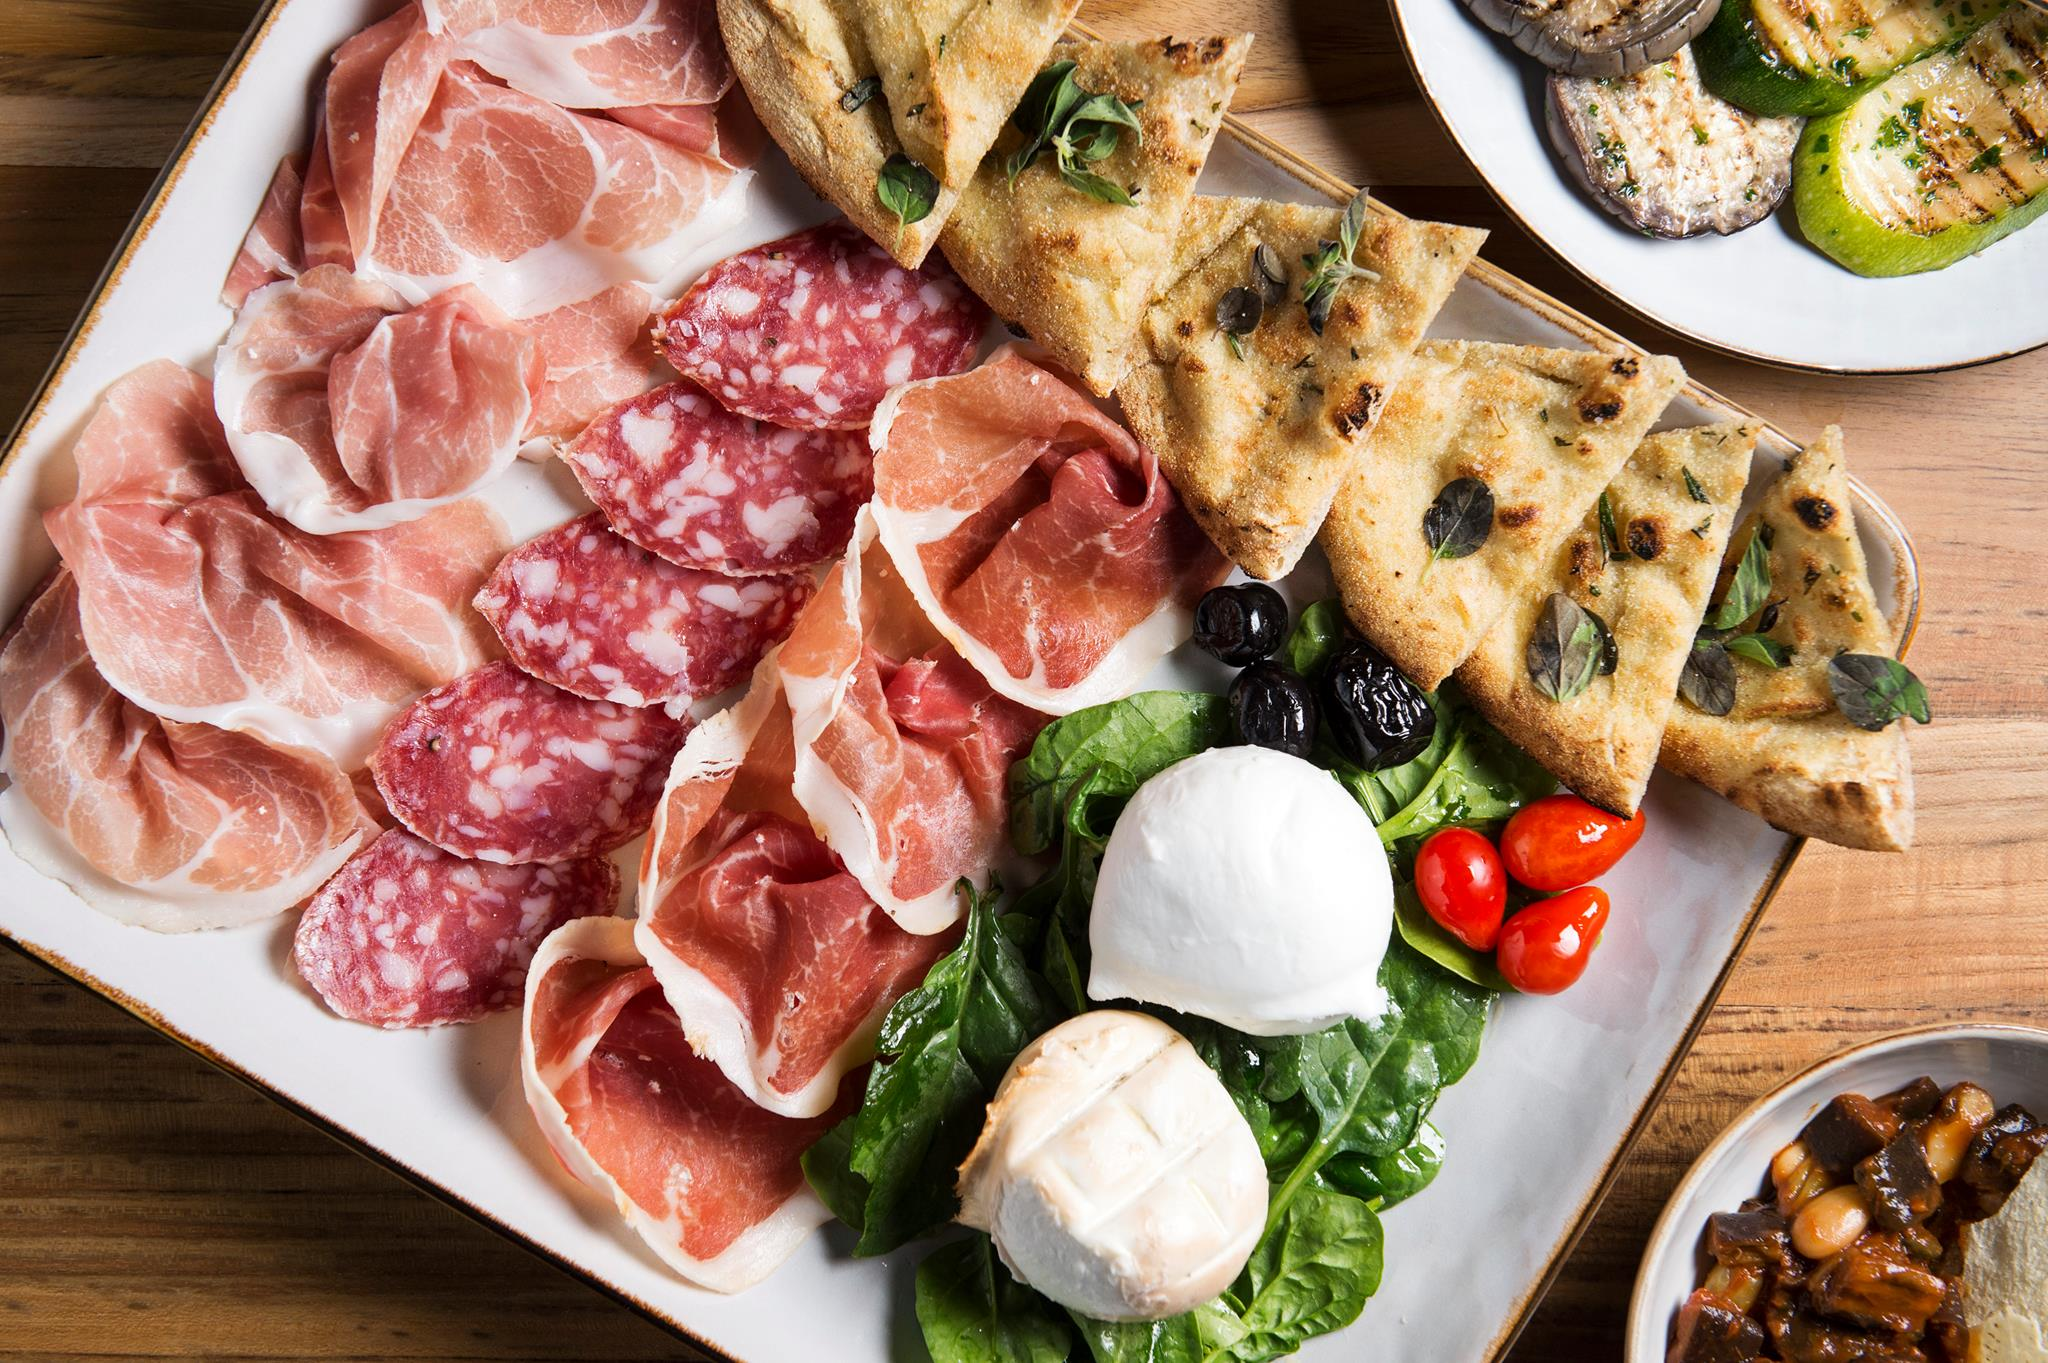 I 10 migliori bar e ristoranti di milano vivisail for Migliori cabin charter nel sud della california